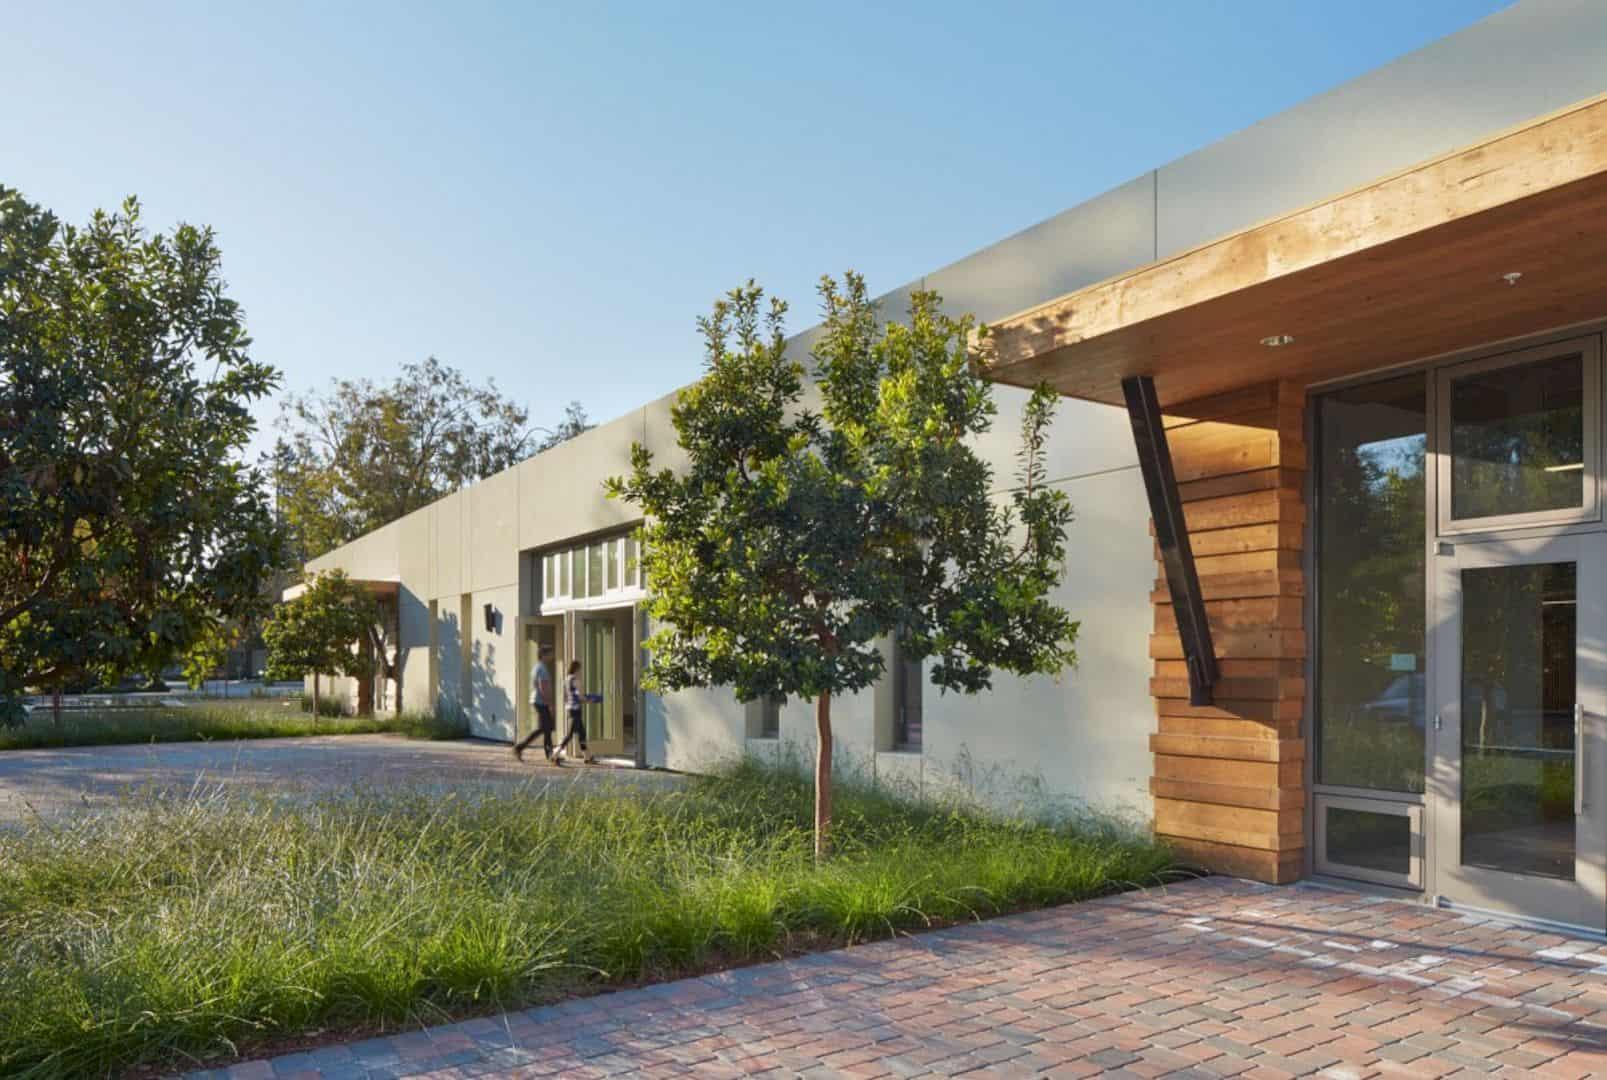 435 Indio Way Net Zero Energy Offices In Sunnyvale 5